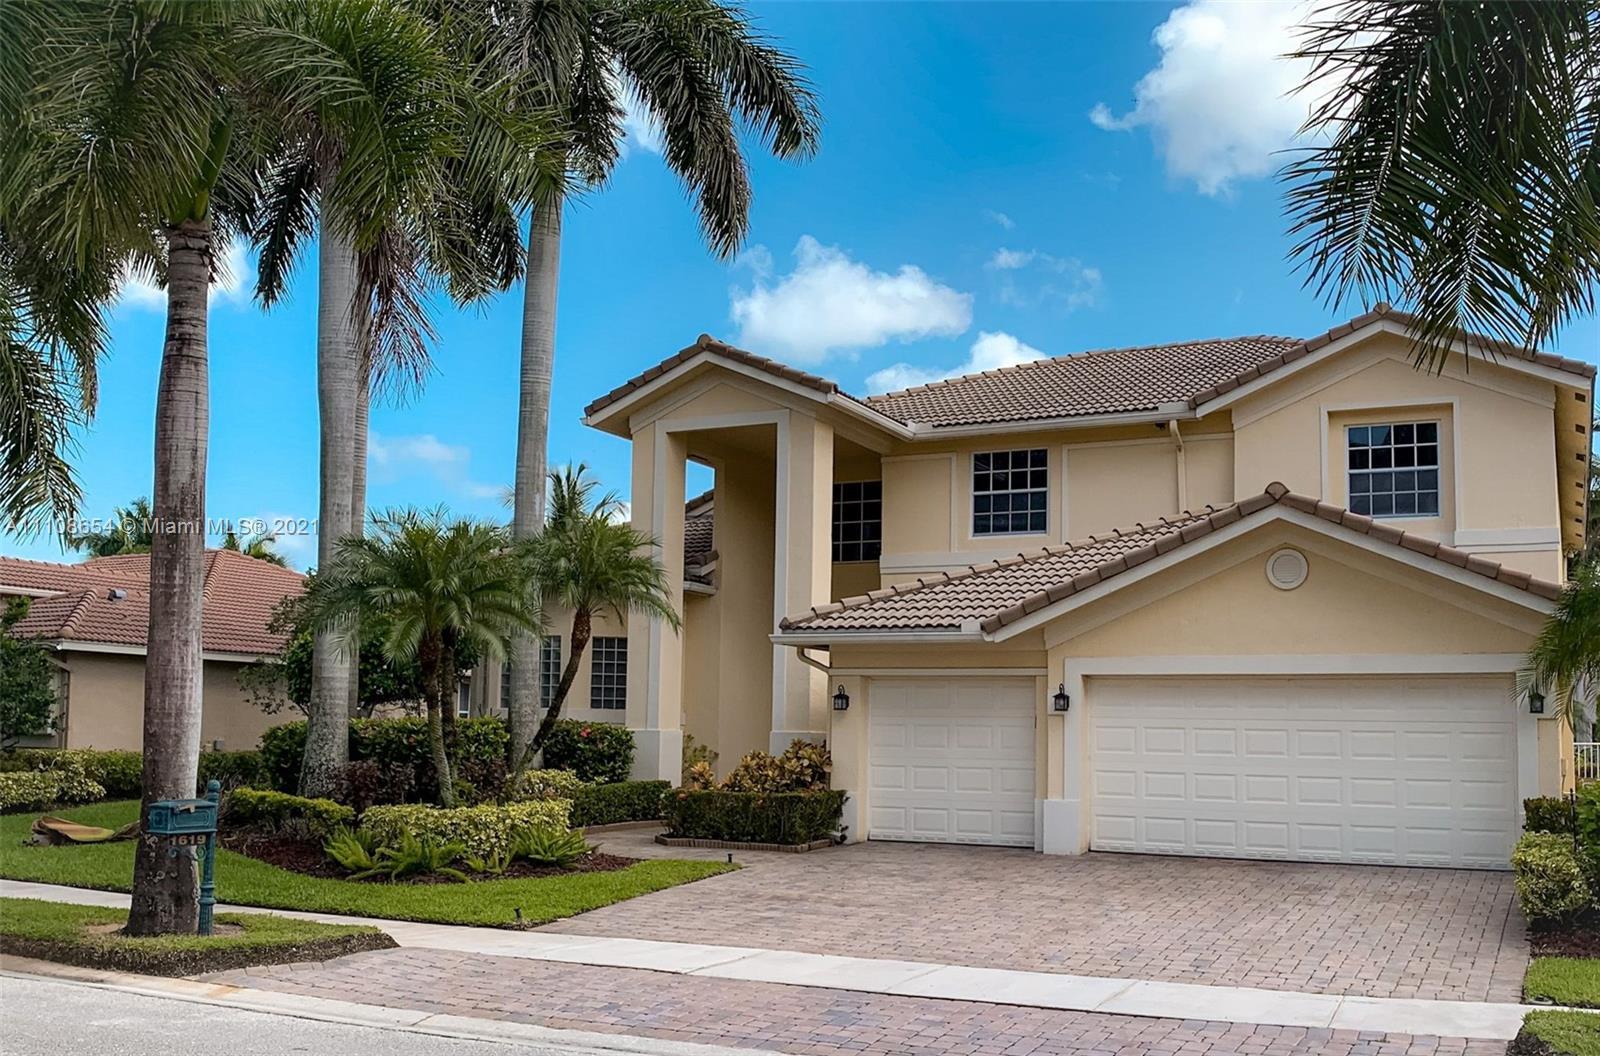 Weston Hills - 1619 Victoria Pointe Cir, Weston, FL 33327